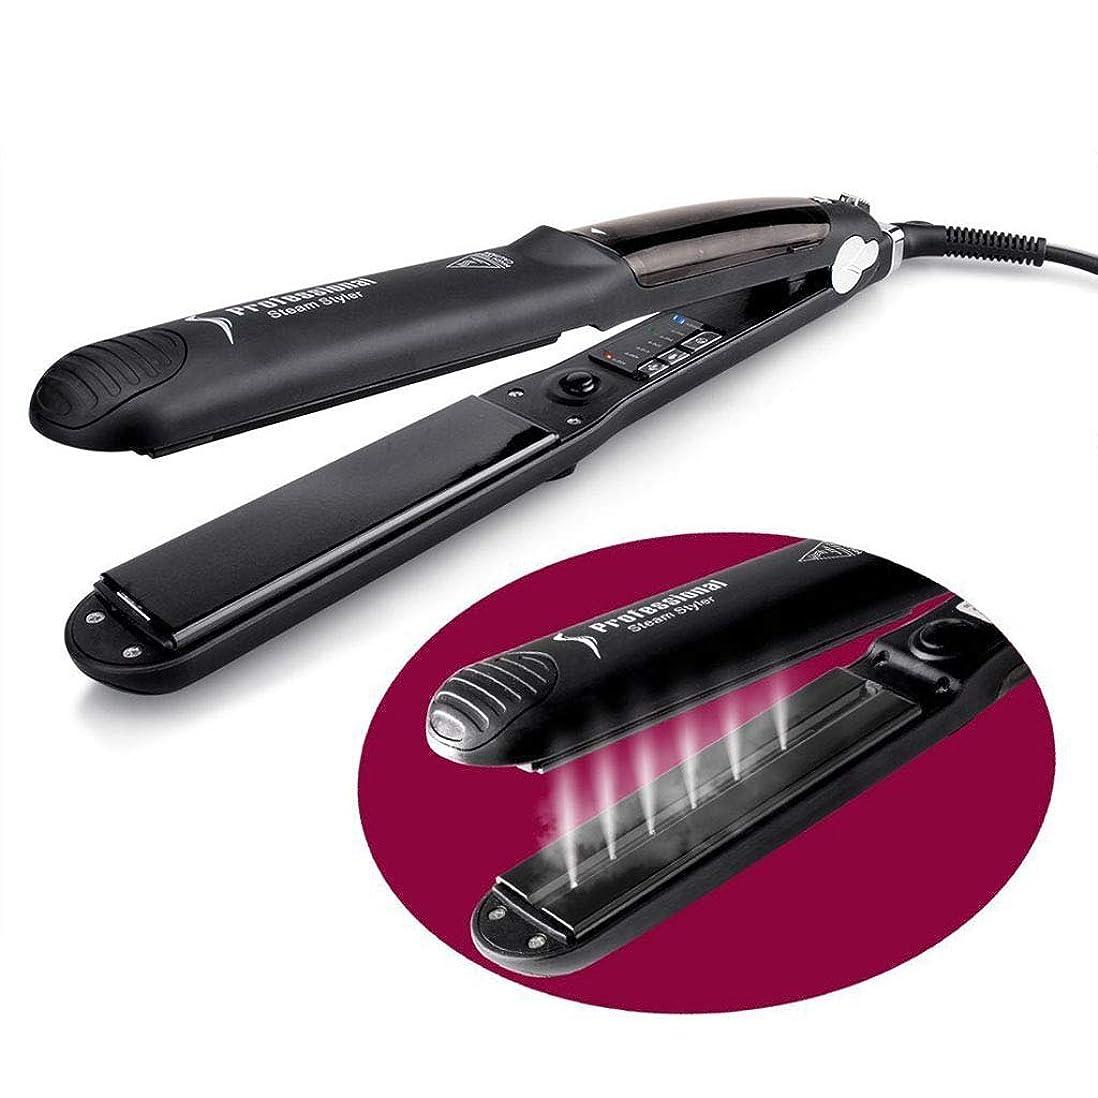 ダイヤモンド秘密の入るスタイリングのための髪のすべてのタイプのための調節可能な温度でスチーム & 負イオンによって鉄を矯正ヘアストレート